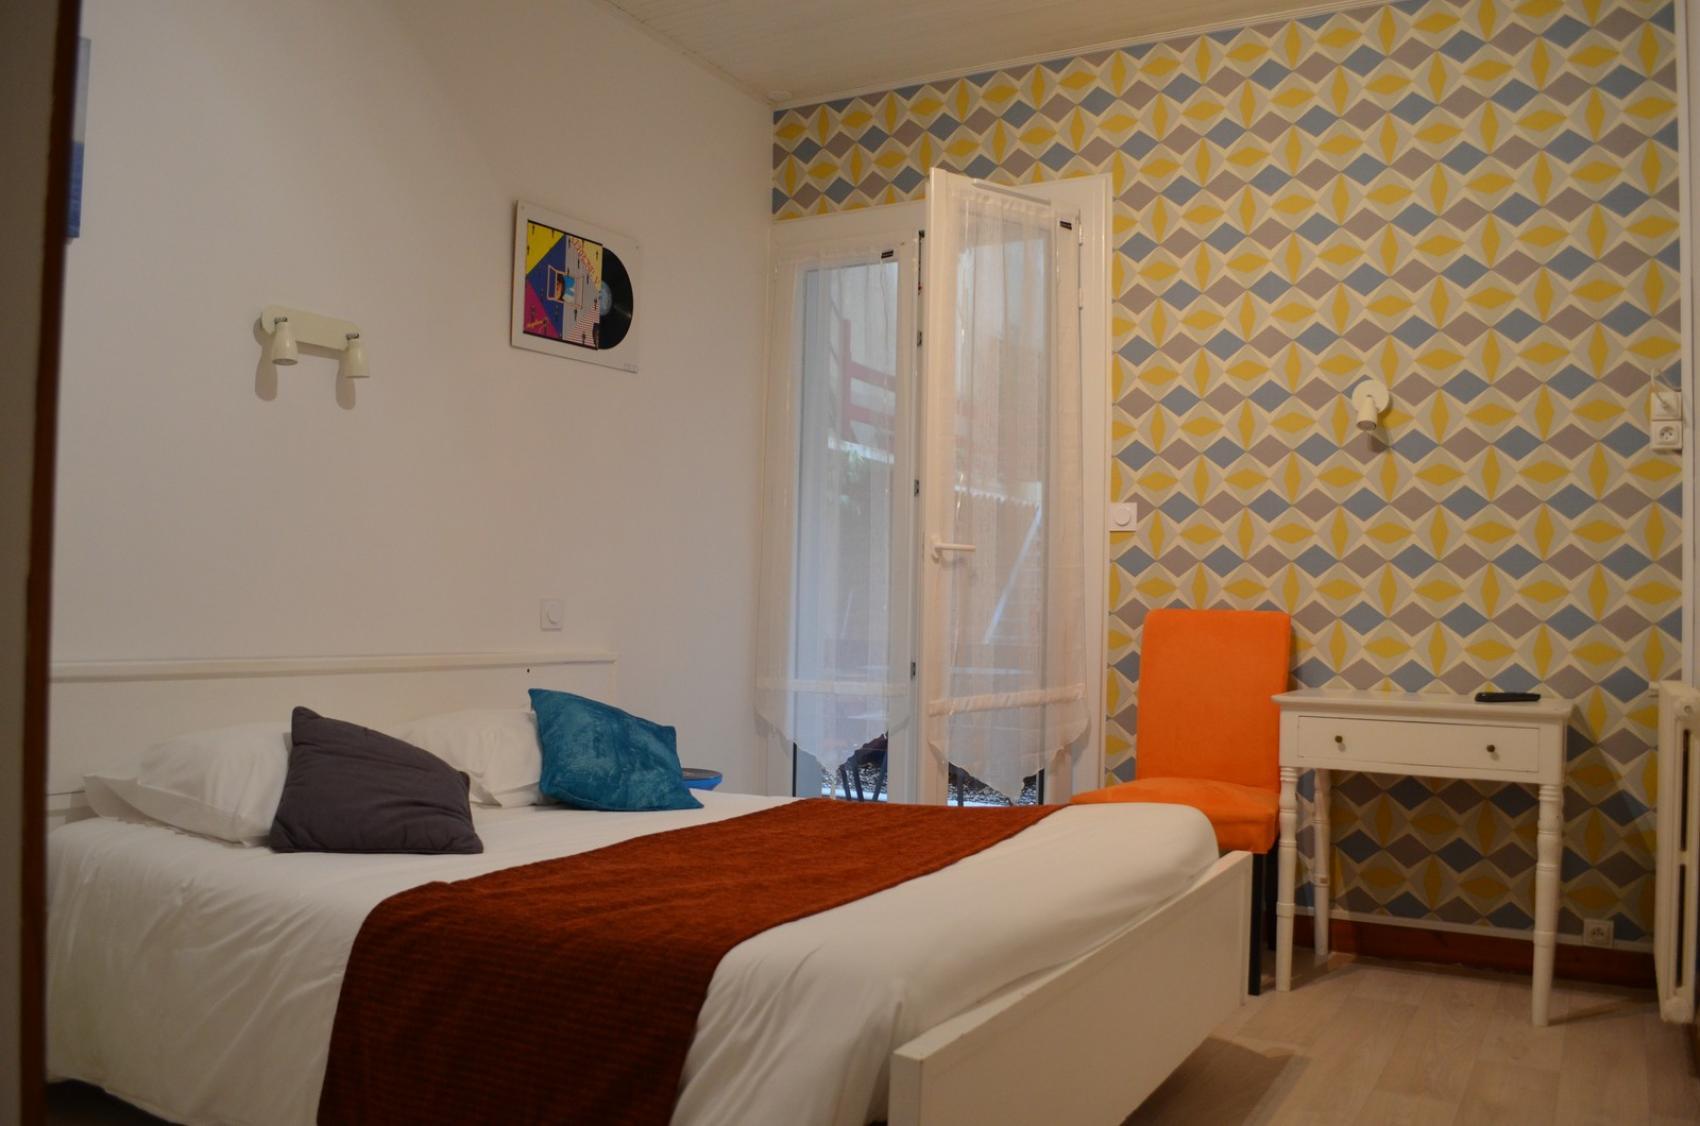 tarifs chambres d 39 h tel en centre ville de la rochelle h tel de paris. Black Bedroom Furniture Sets. Home Design Ideas